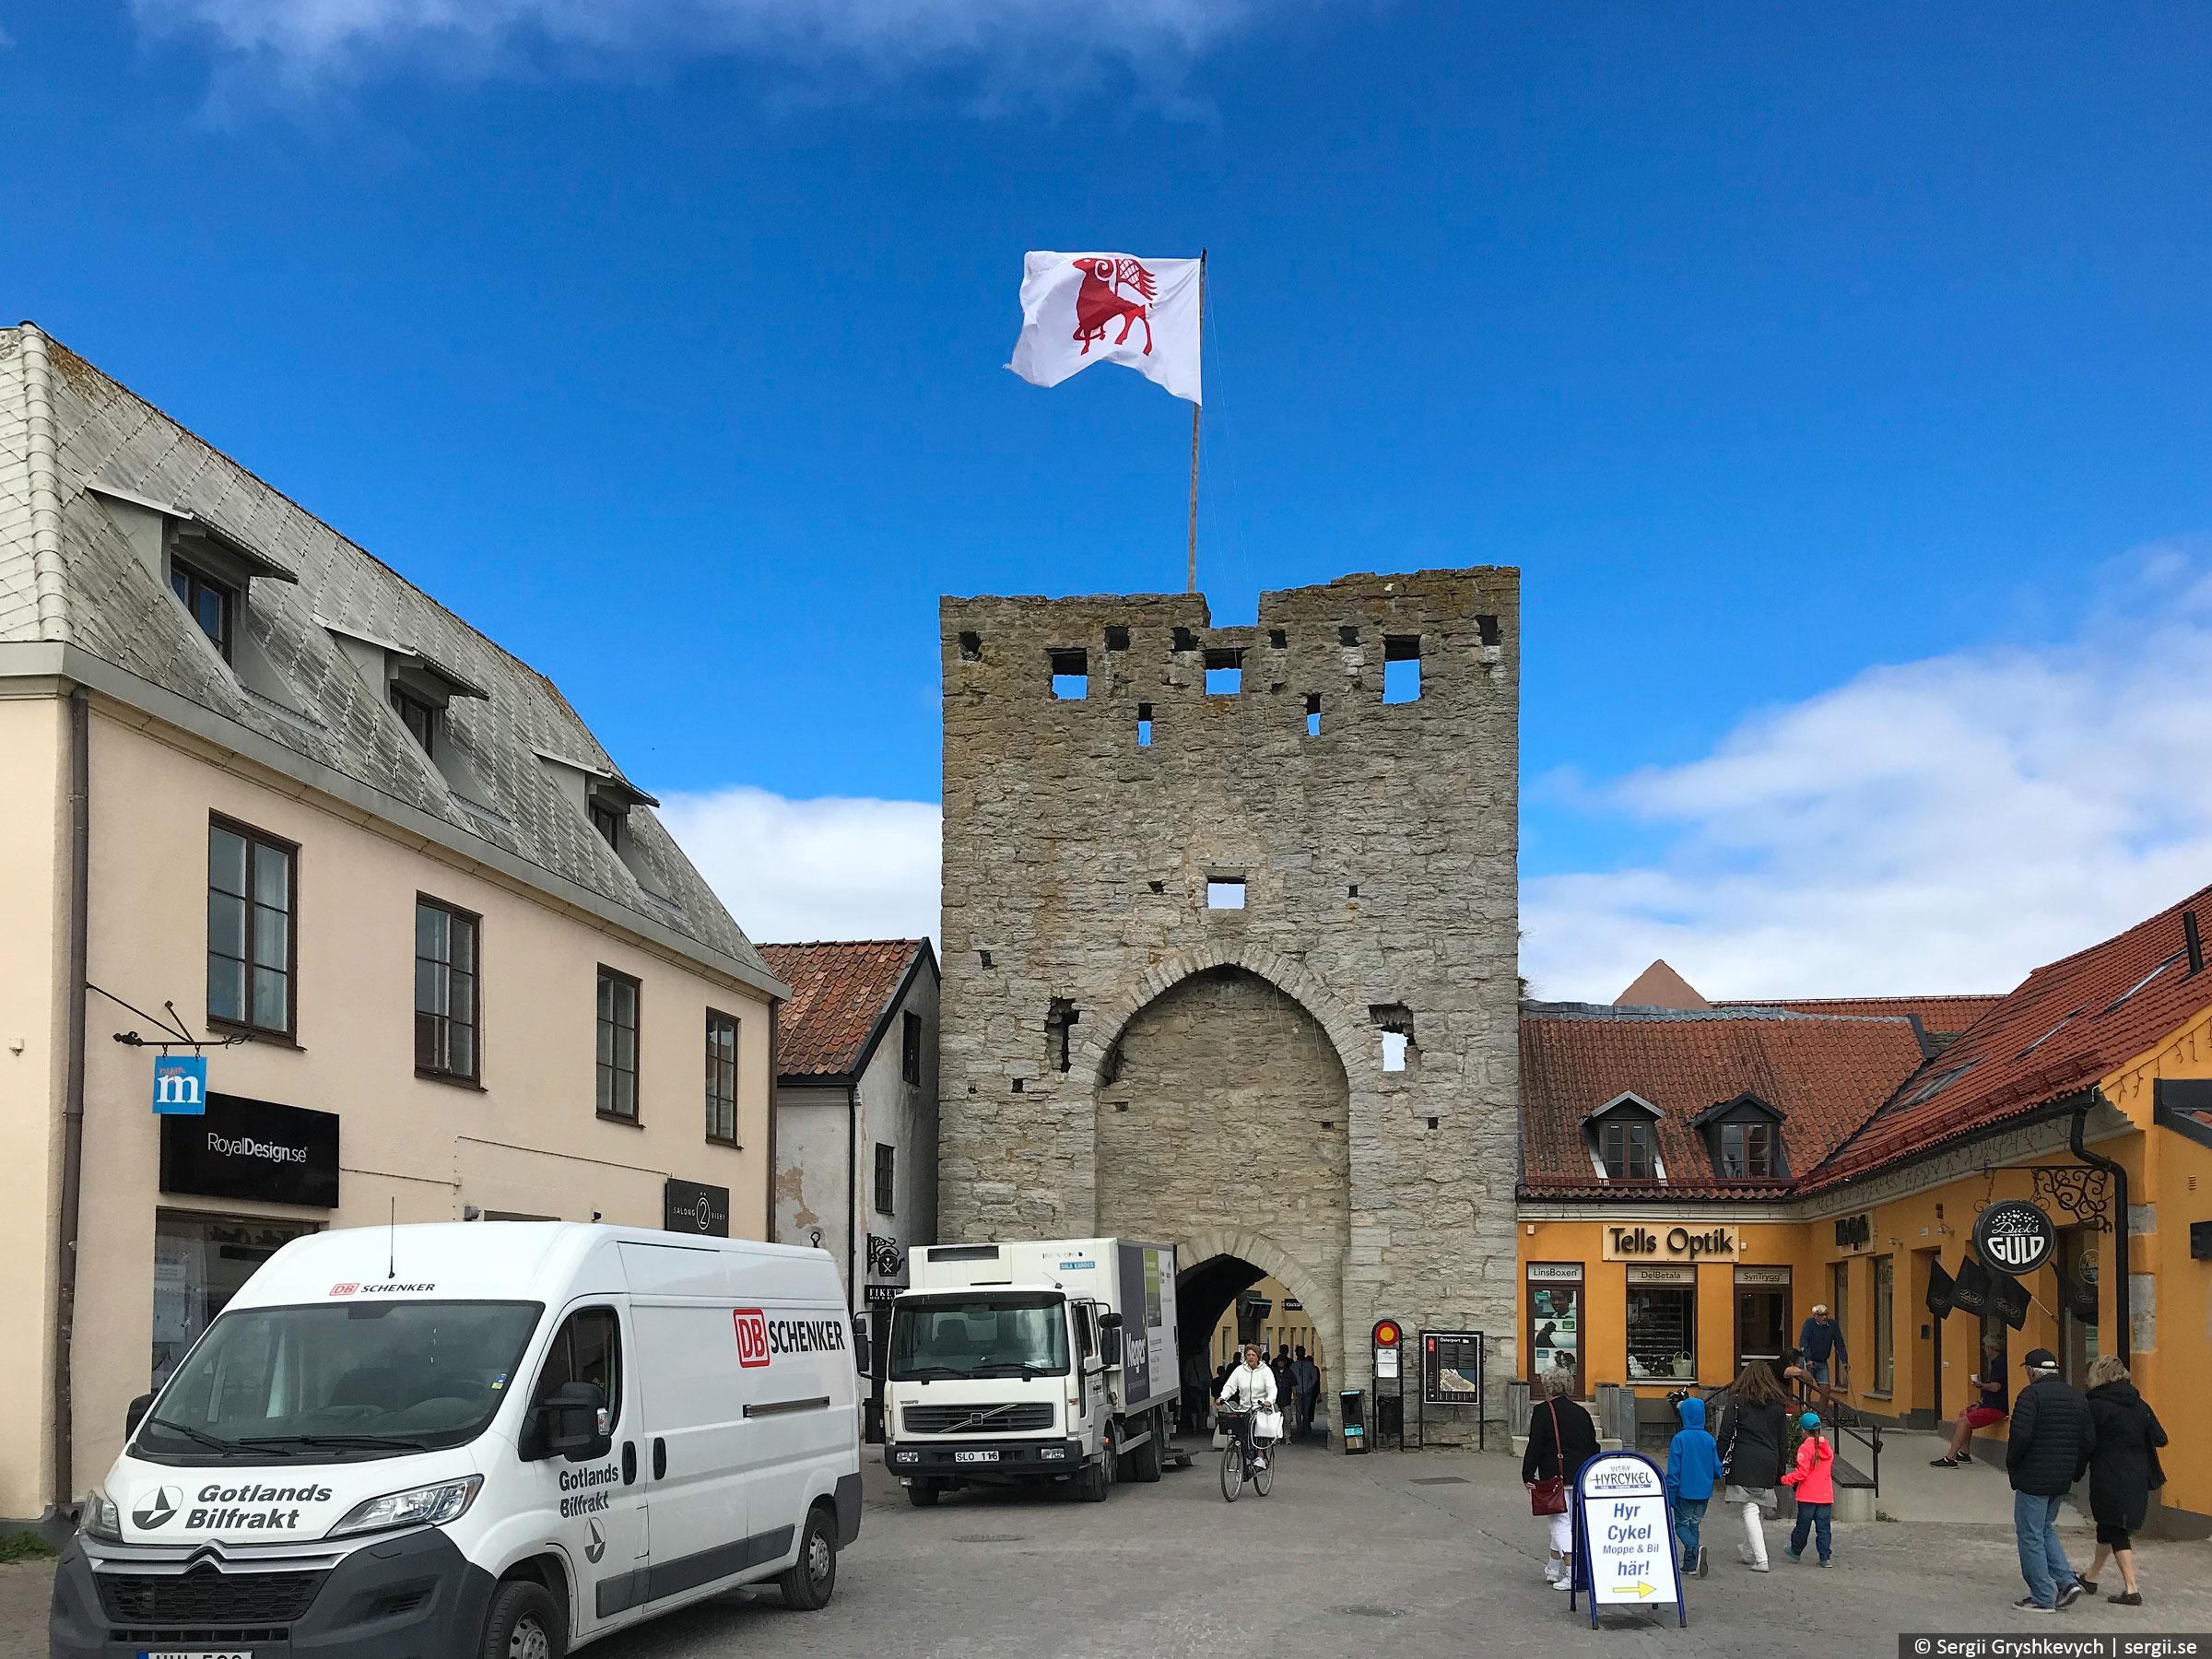 gotland-visby-sweden-2018-4